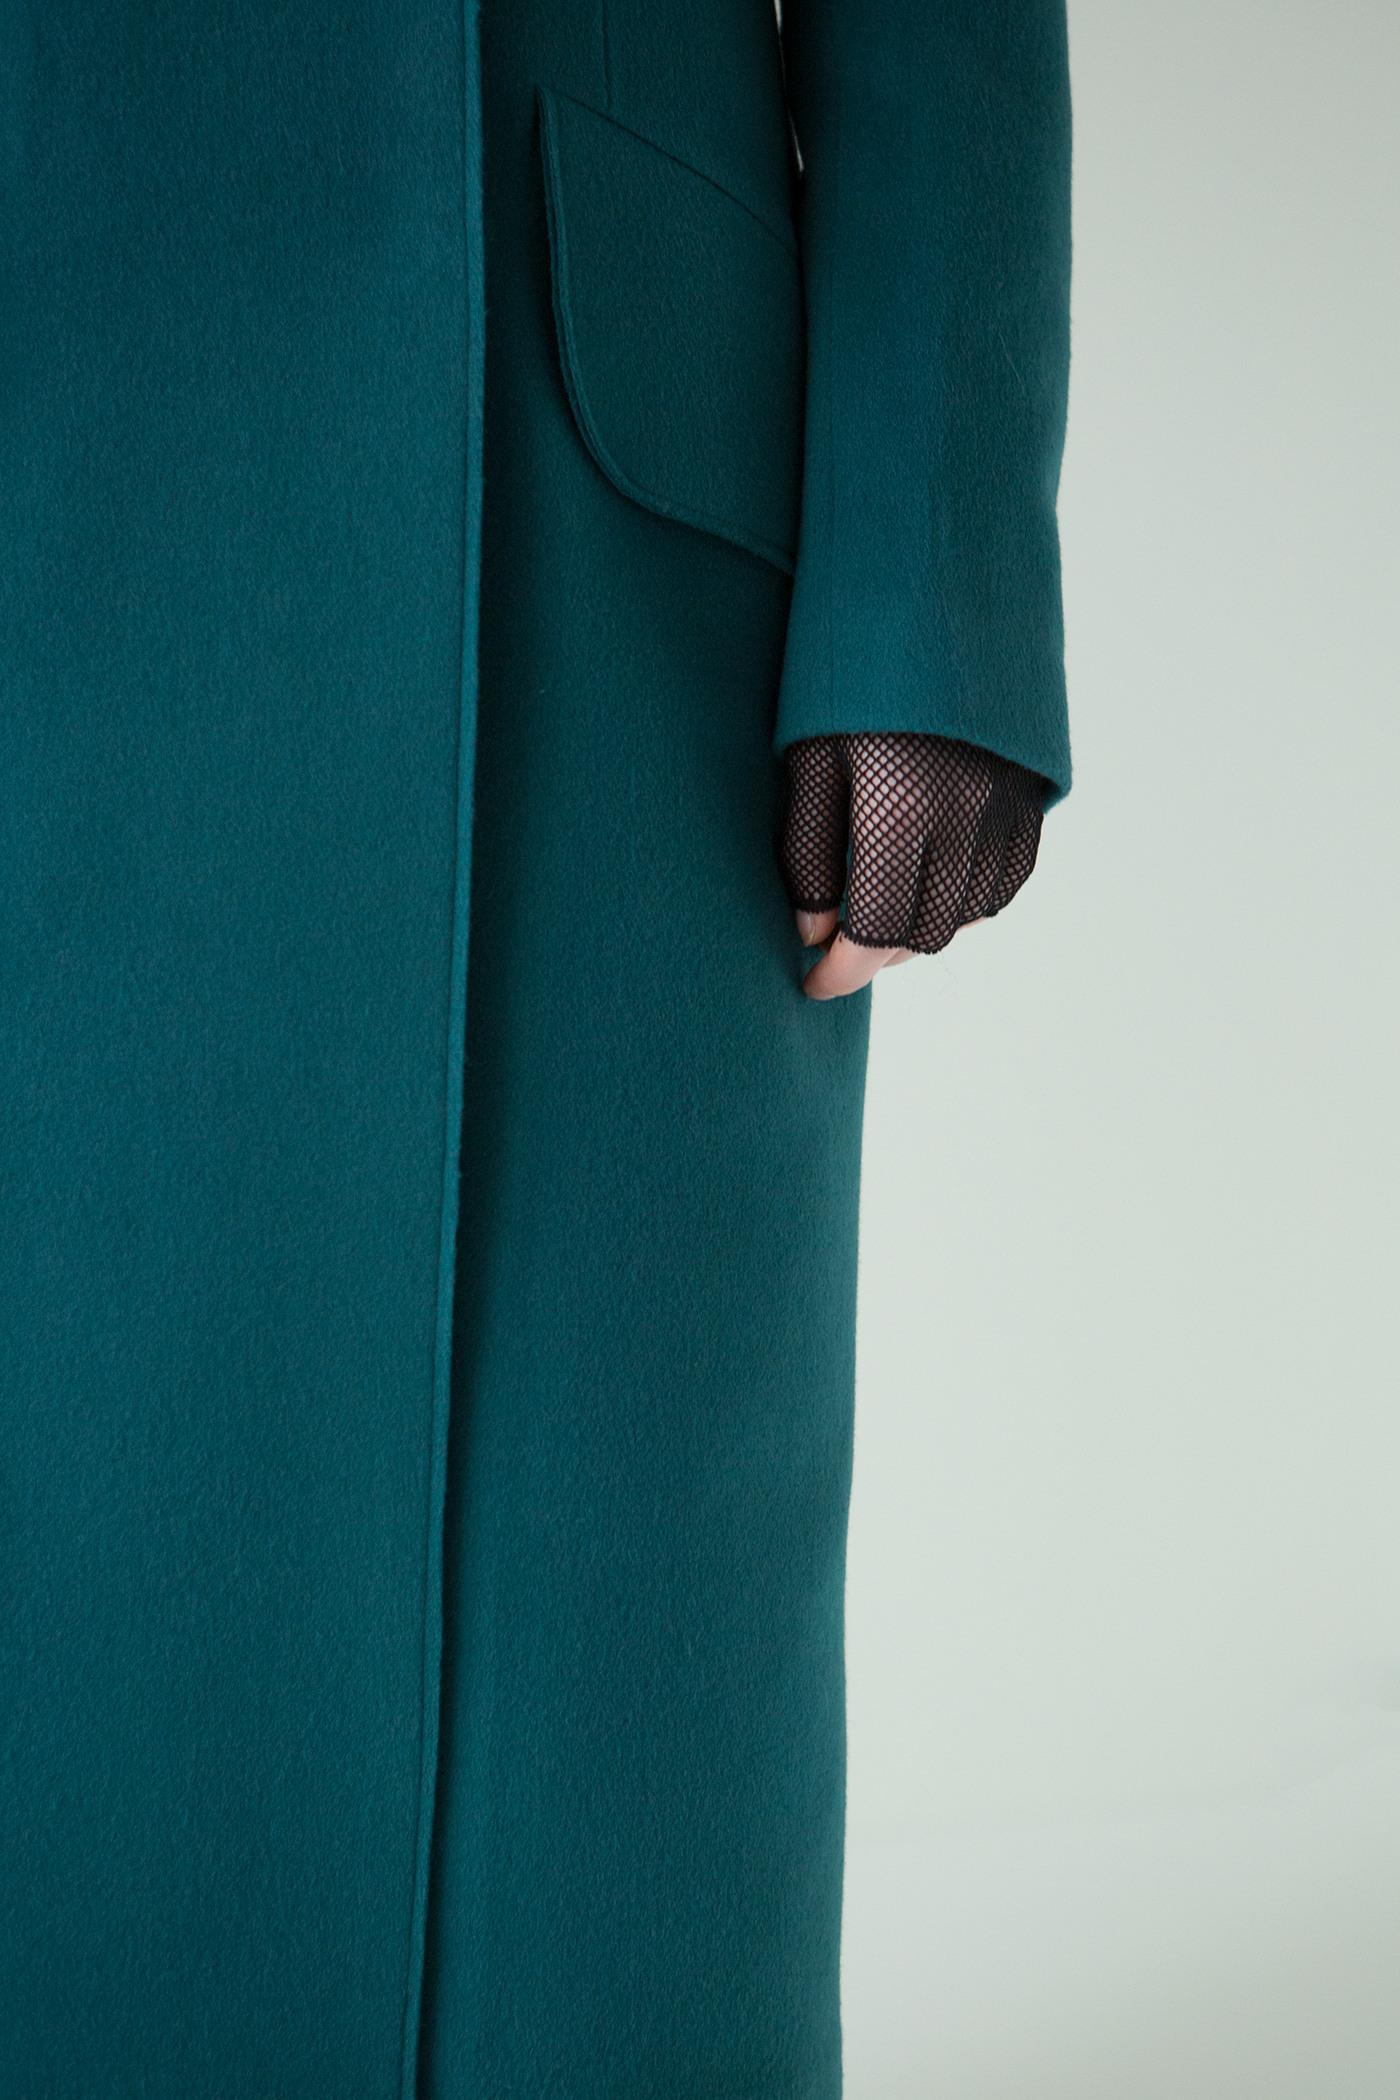 Легкое пальто - МИЛАН (19.0)Пальто<br>Пальто с большим воротником с открытым срезом&#13;<br>&#13;<br>Элегантное классическое пальто MILAN (Милан) прямого, слегка приталенного силуэта из шерсти станет отличной базой для любого городского гардероба. Наклонные прорезные карманы с декоративными клапанами. Конструкция без подплечников. Данная модель не утепляется, является демисезонной. Рекомендуемый тепловой режим: от +10 до 0 градусов. Подходит для всех типов фигур: А,О-образных.&#13;<br>&#13;<br>&#13;<br>кнопки вместо пуговиц, благодаря им у вас всегда имеется возможность корректировки этой модели пальто под себя&#13;<br>&#13;<br>прямой крой с плотной посадкой на фигуре&#13;<br>&#13;<br>длина размера S при росте 158-164: 106 см, 164-170 - 109 см, 170-176 - 112см&#13;<br>&#13;<br>модель имеет 3 ростовки: 158-164 см, 164-170 см, 170-176 см. Размер и другие нюансы уточняются при заказе, мы с вами связываемся по указанному вами номеру телефона.&#13;<br>&#13;<br>&#13;<br>Если у вас остались вопросы, пишите нам на электронную почту ASYAMALBERSHTEIN@GMAIL.COM или звоните по номеру +7 (812) 649-17-99, мы постараемся ответить на ваши вопросы и помочь определиться вам с выбором или размерной сеткой наших изделий.<br><br>Цвет: Морская волна, Винный<br>Размер: XS, S, M, L<br>Ростовка: 158 -164, 164 -170, 170 -176